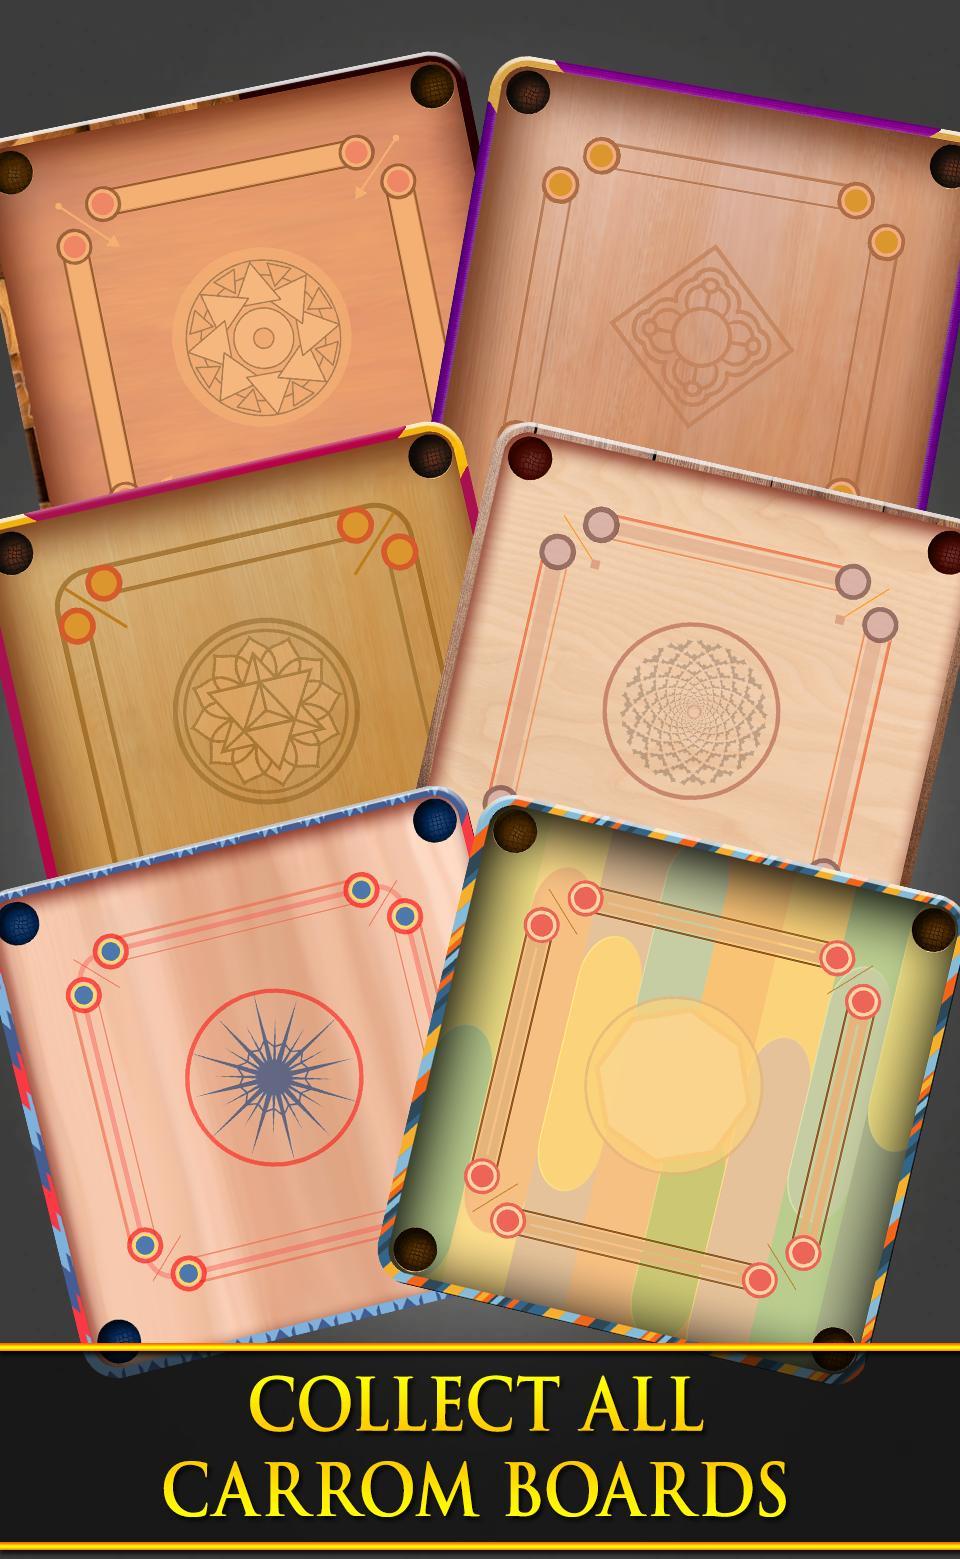 Carrom Royal Multiplayer Carrom Board Pool Game 10.2.9 Screenshot 5